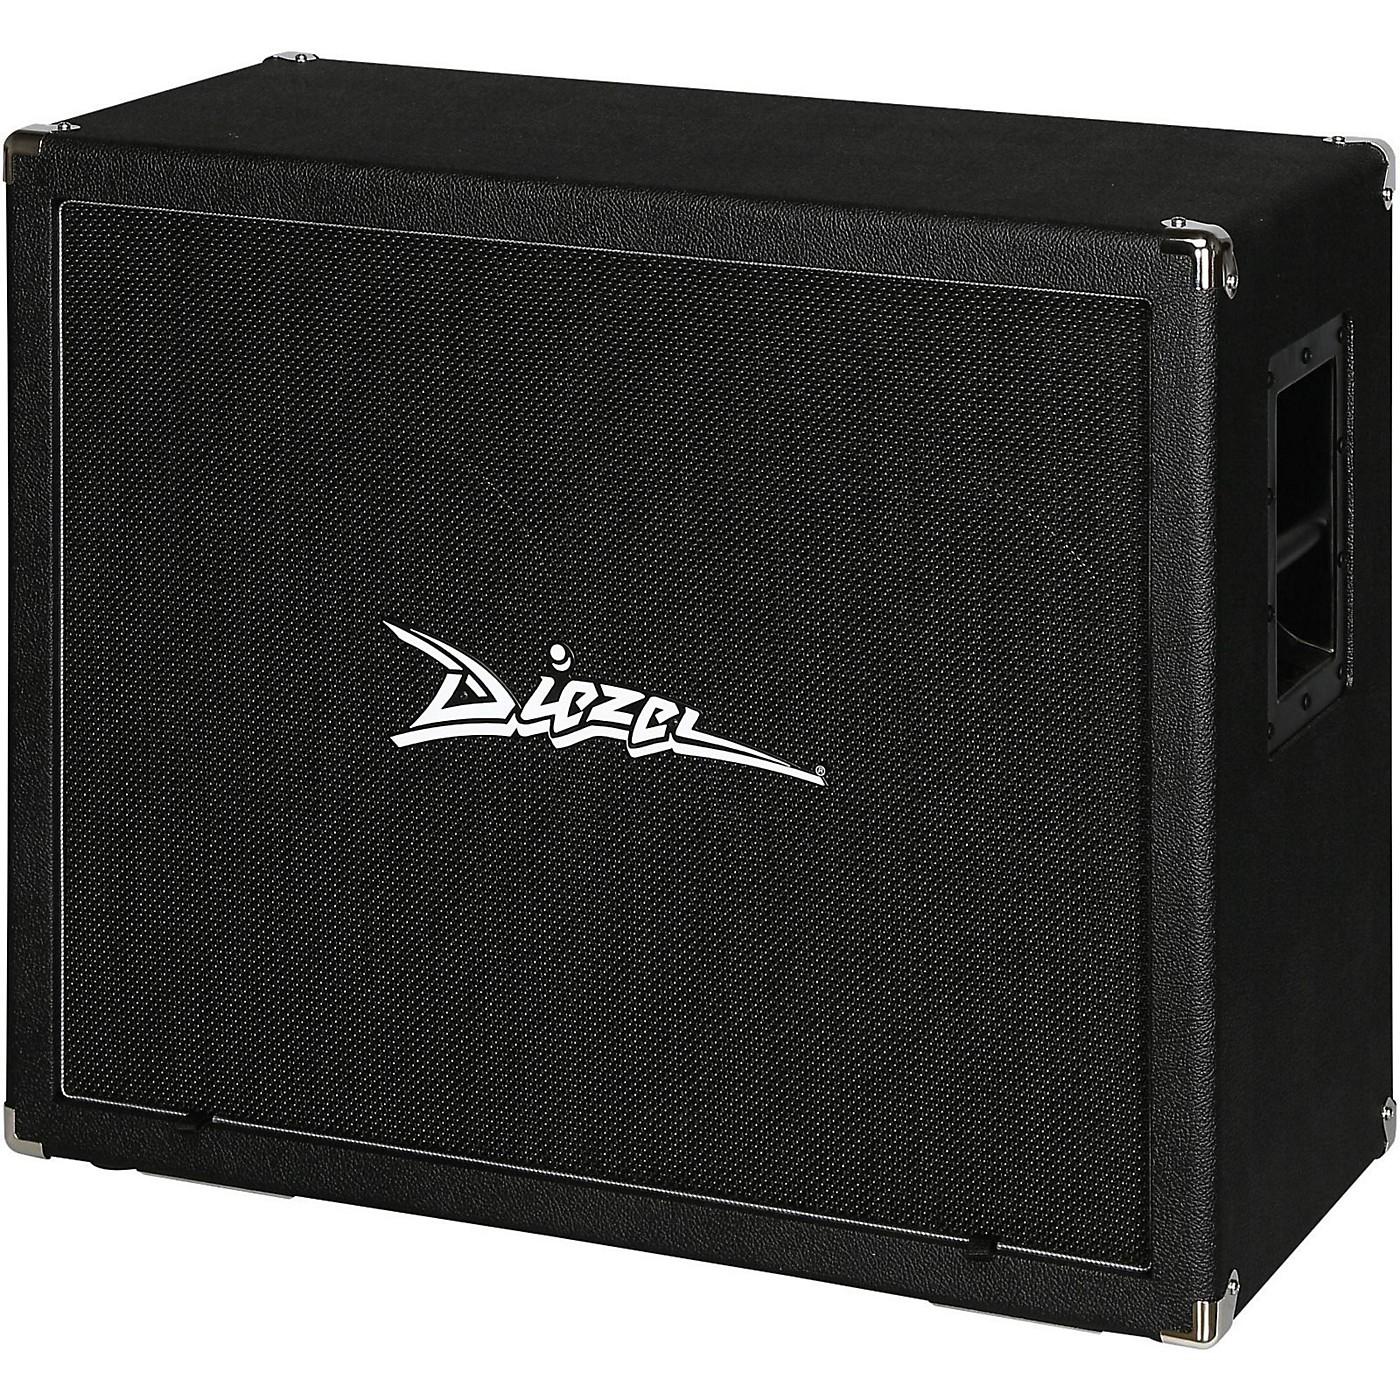 Diezel 212FV 120 2x12 Front-Loaded Guitar Speaker Cabinet with Celestion Vintage 30s thumbnail